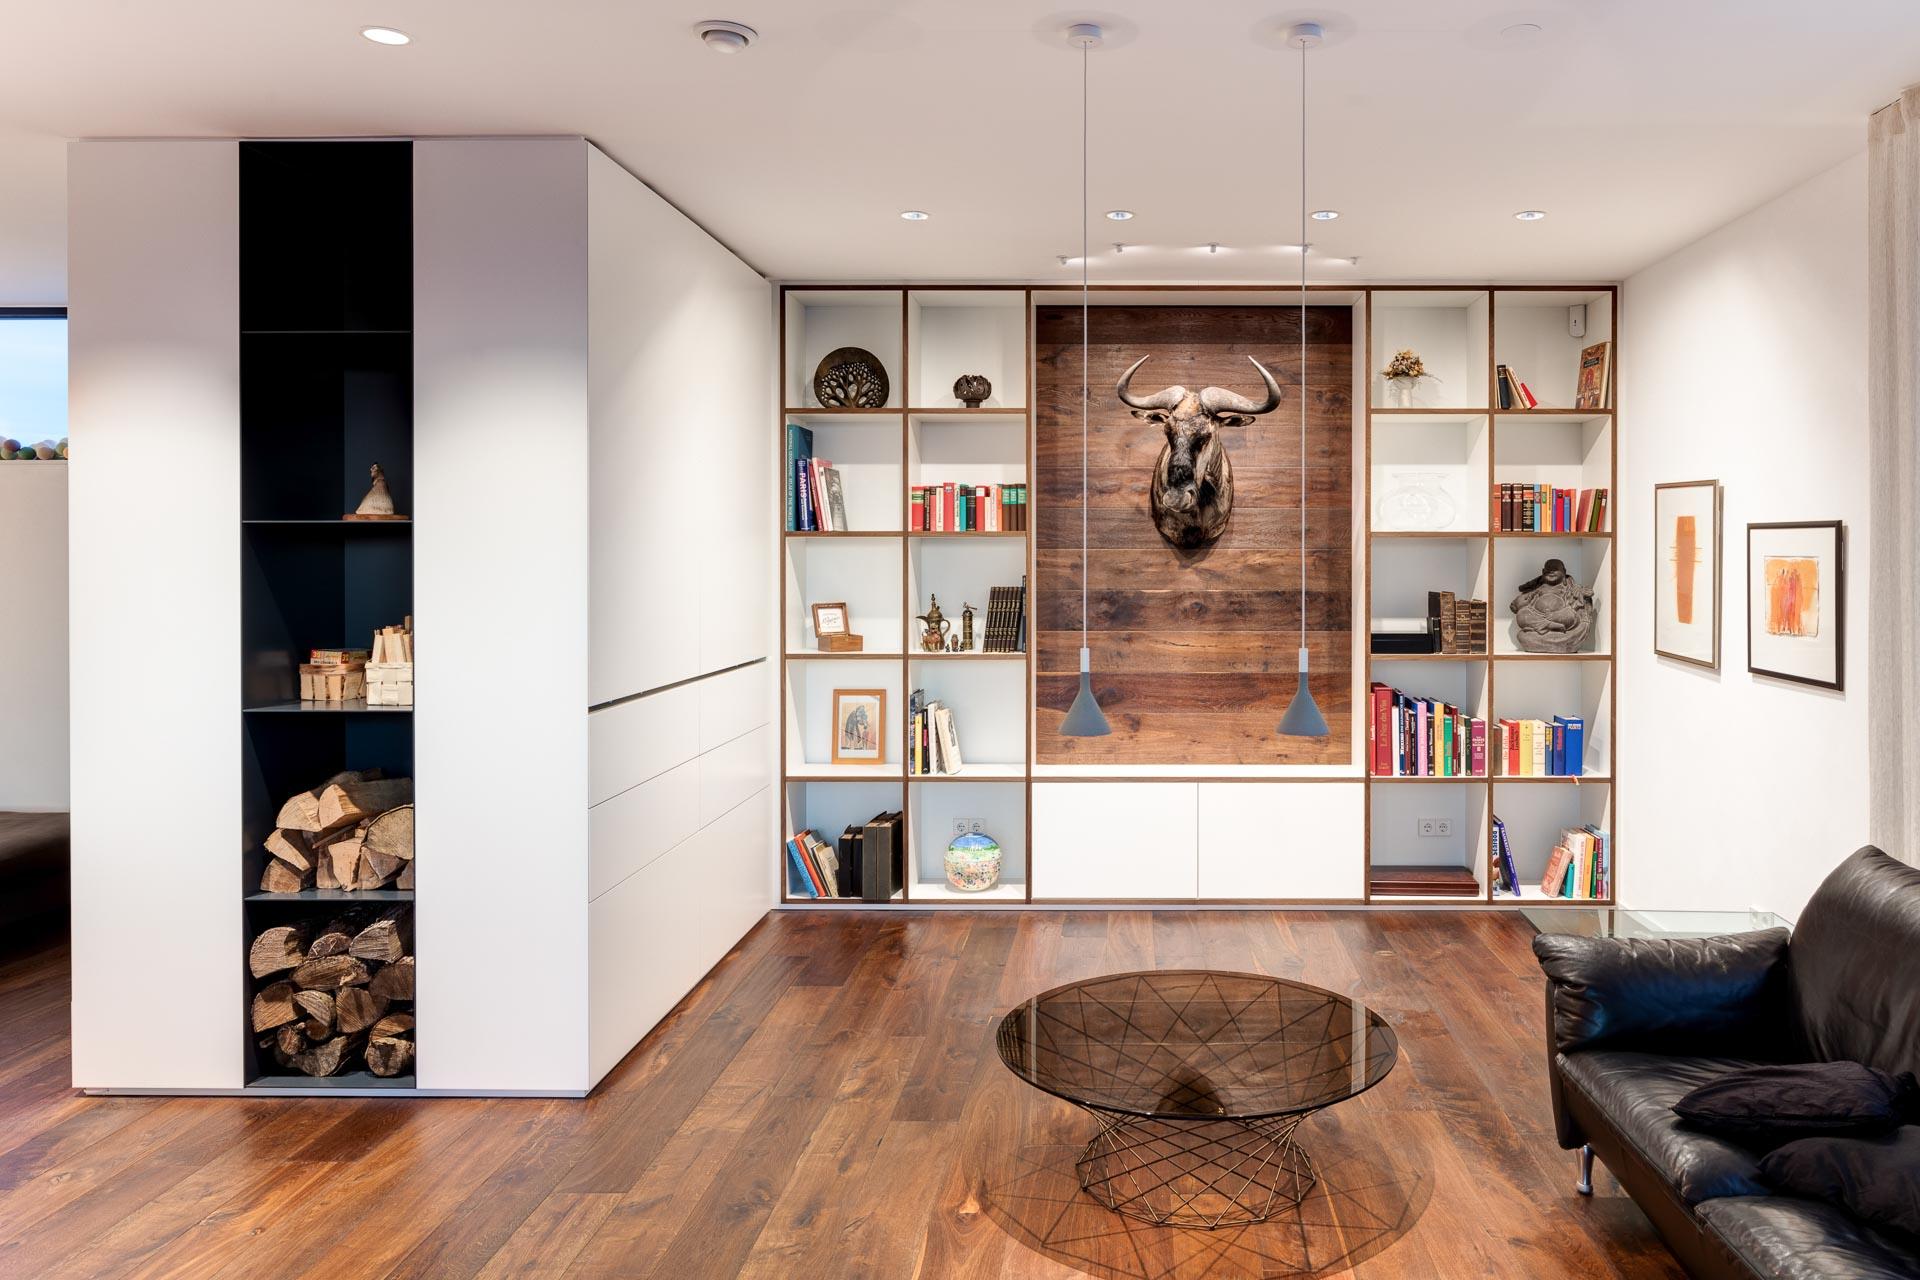 Fotografie von Gebäuden und Räumen. Von Dirk Wilhelmy, Architekturfotograf aus Stuttgart. Interior Design und Architektur in professioneller Fotografie.